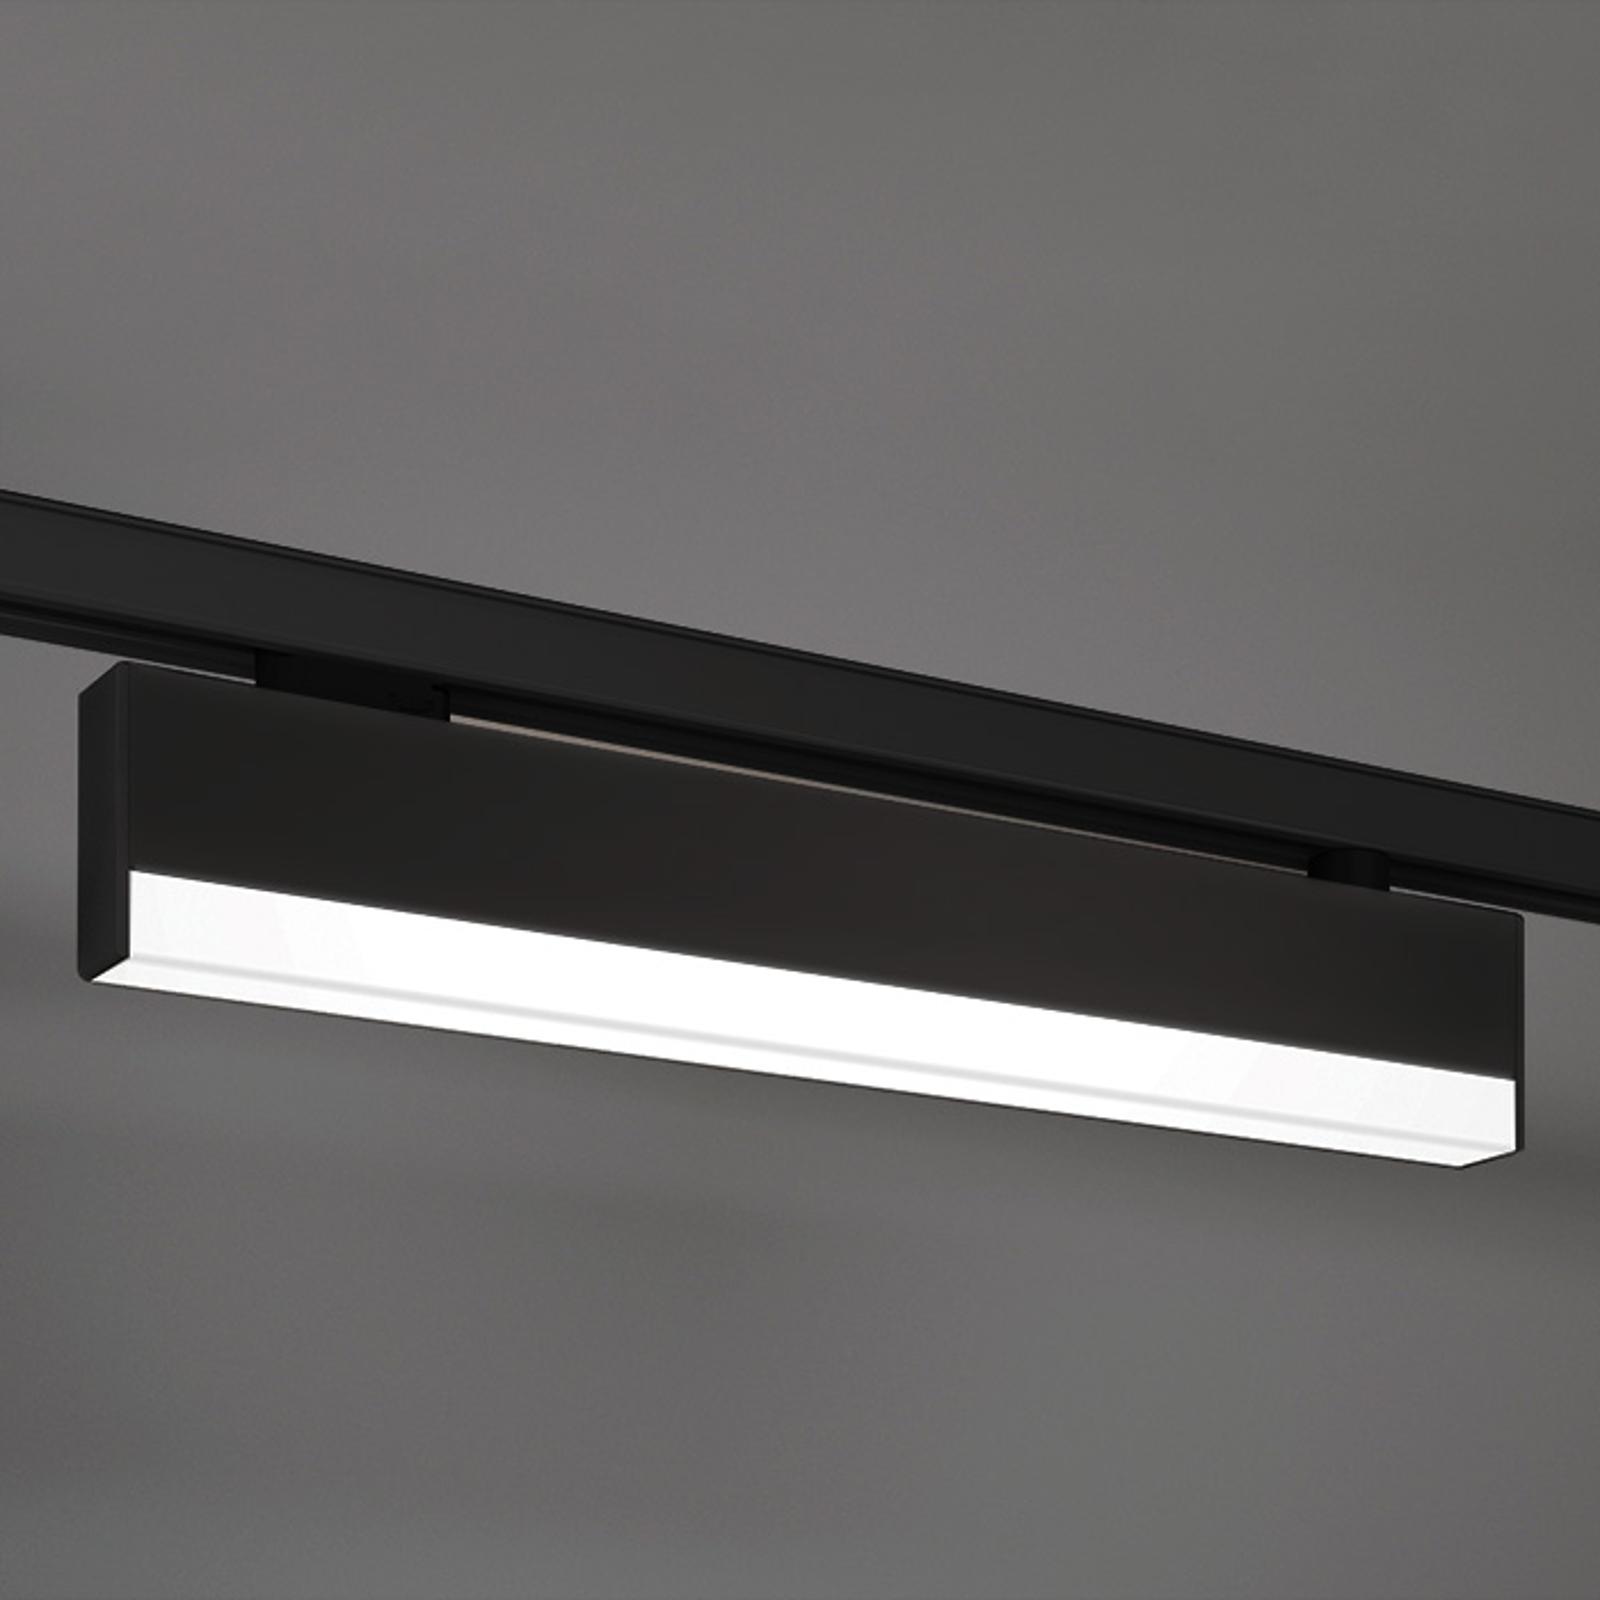 Lampada LED da binario trifase, nera